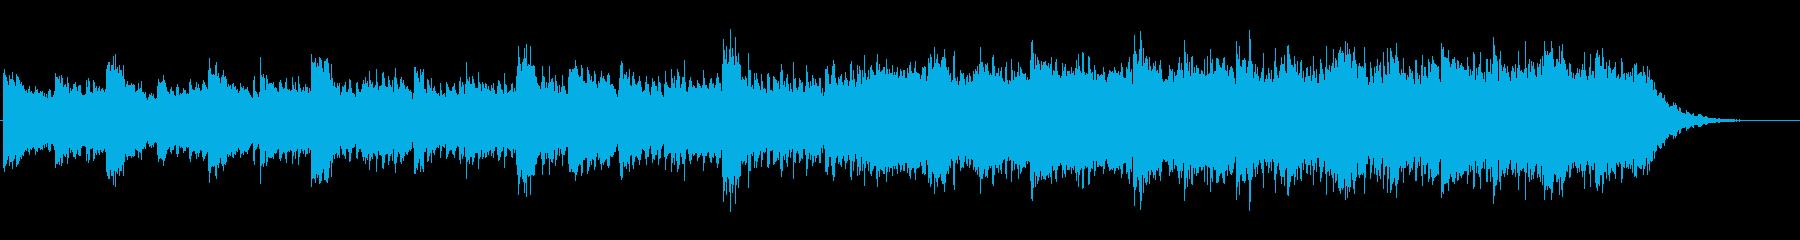 テック系商品紹介ムービー用アンビエントの再生済みの波形